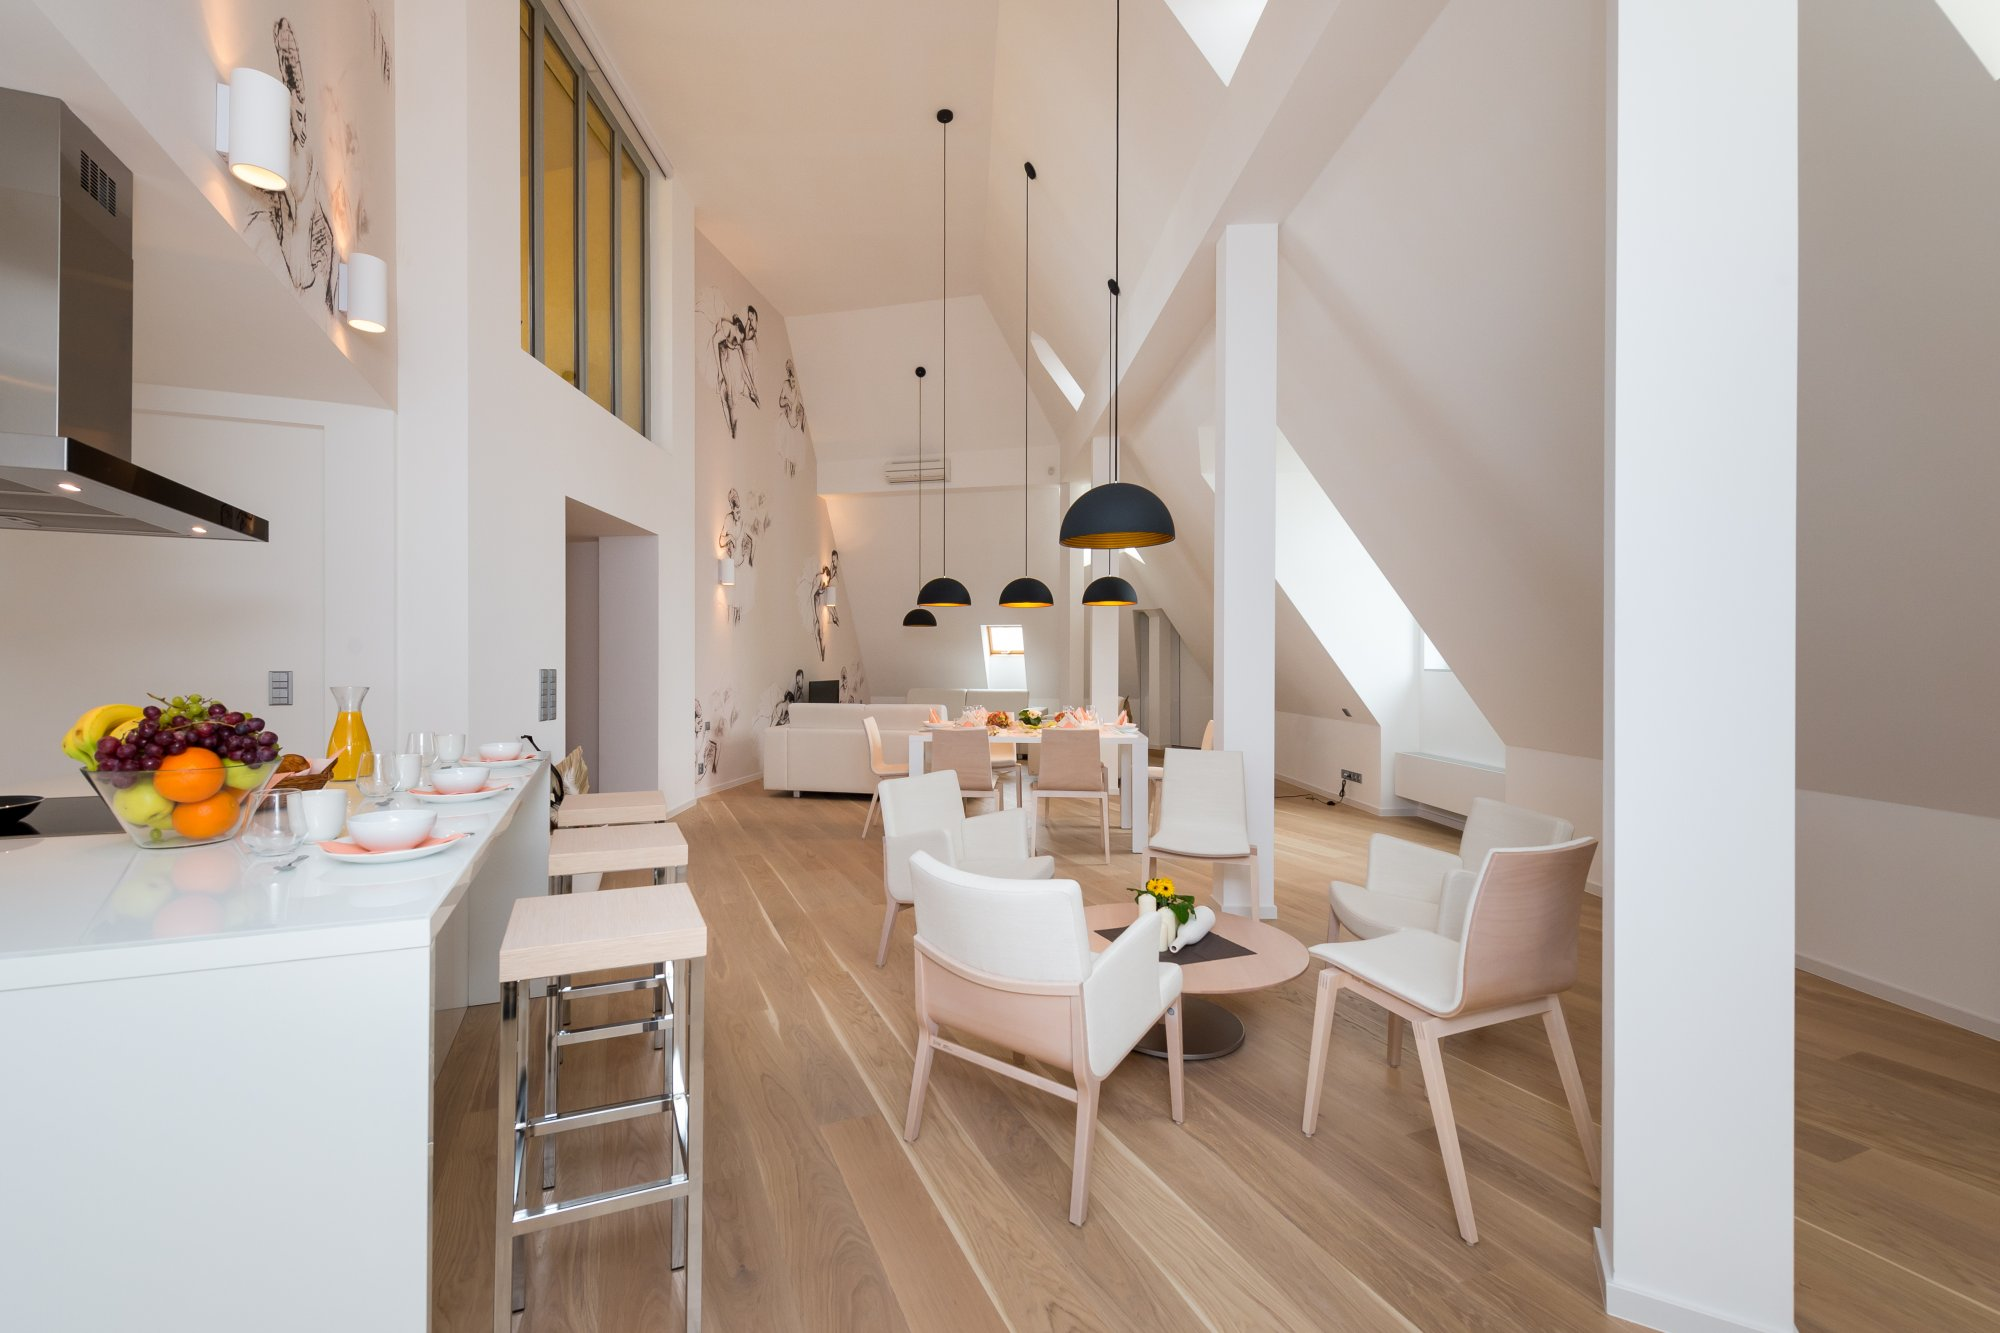 Půdní byt 5+kk, plocha 208 m², ulice Vodičkova, Praha 1 - Nové Město | 2